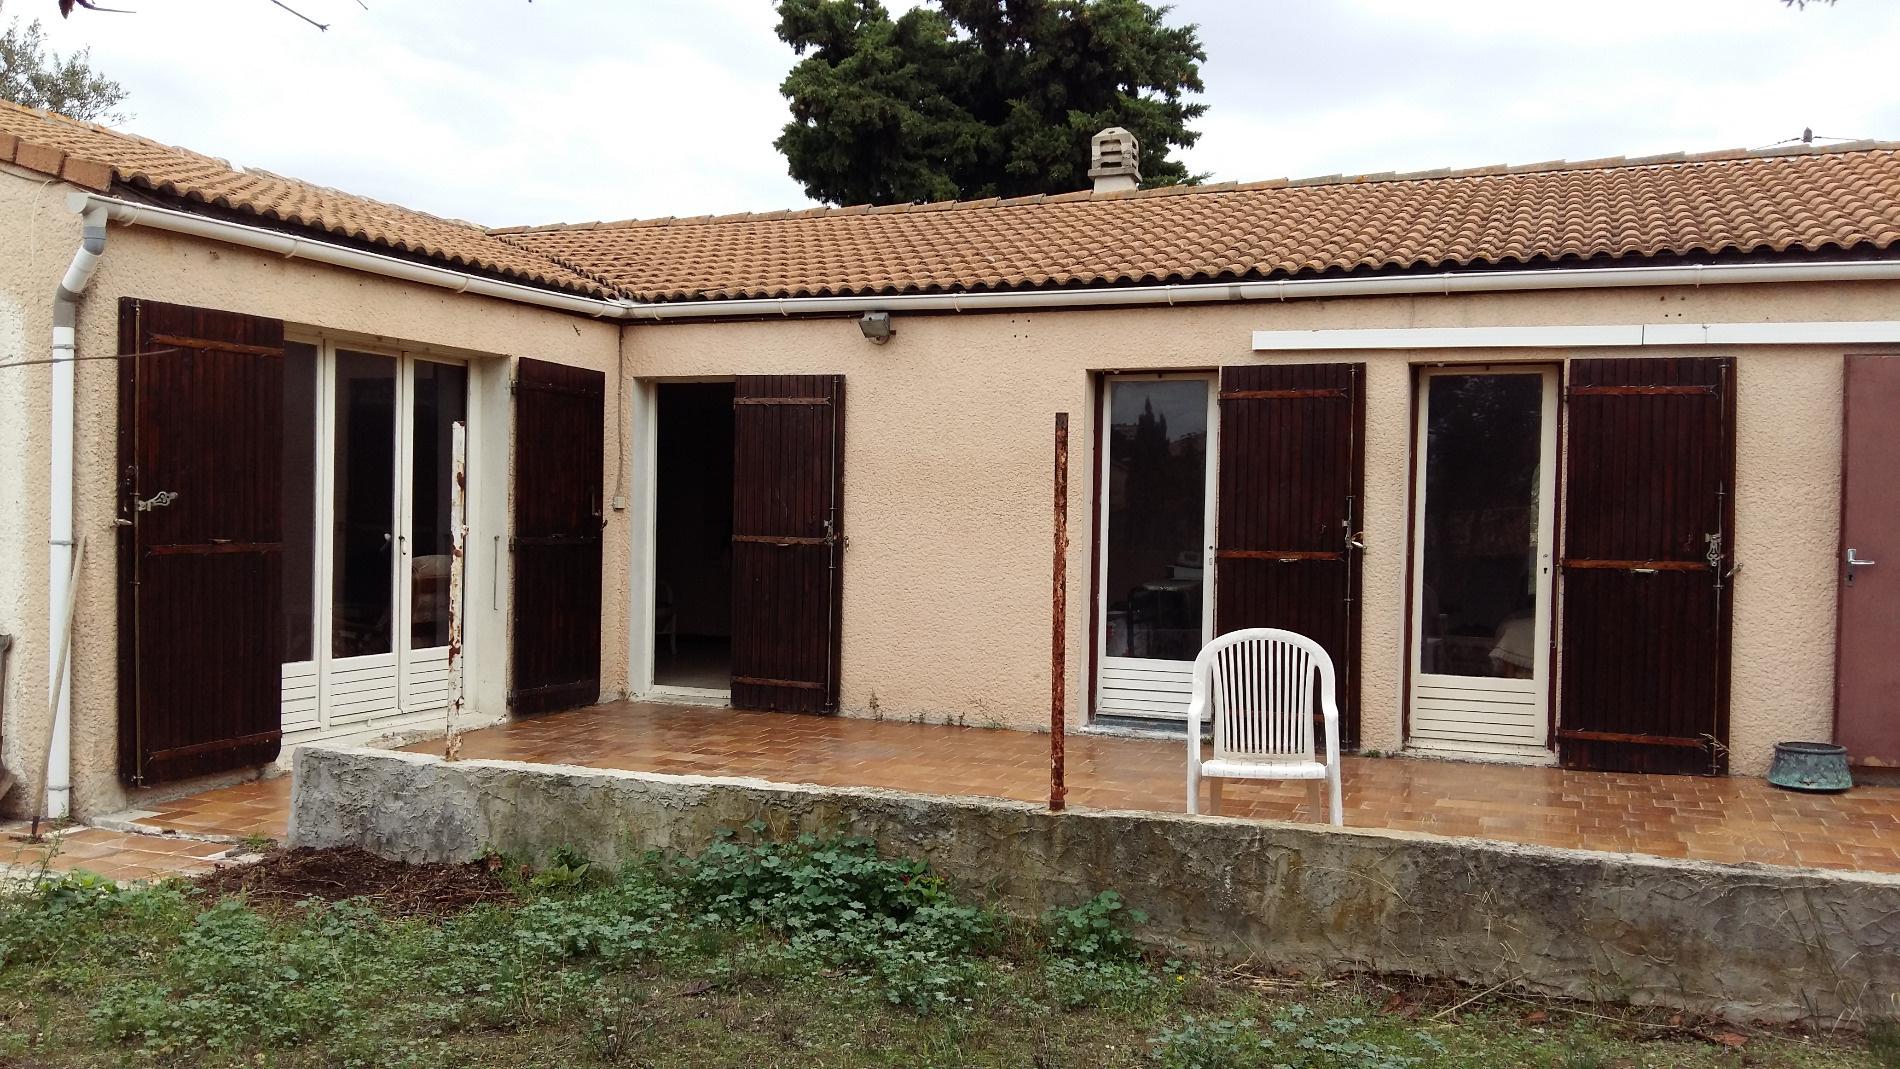 Vente maison 4 pieces sur parcelle de 360m2 for Agrandissement maison 5m2